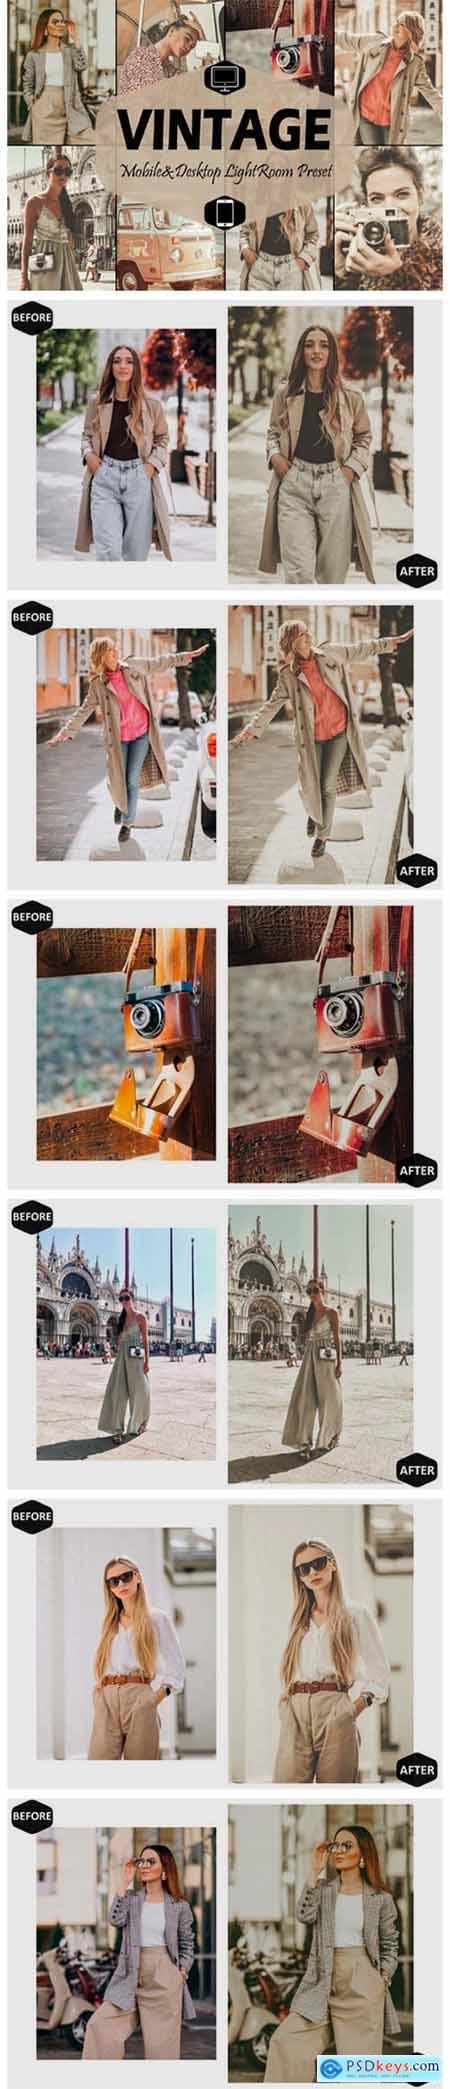 18 Vintage Mobile Lightroom Presets 5916075